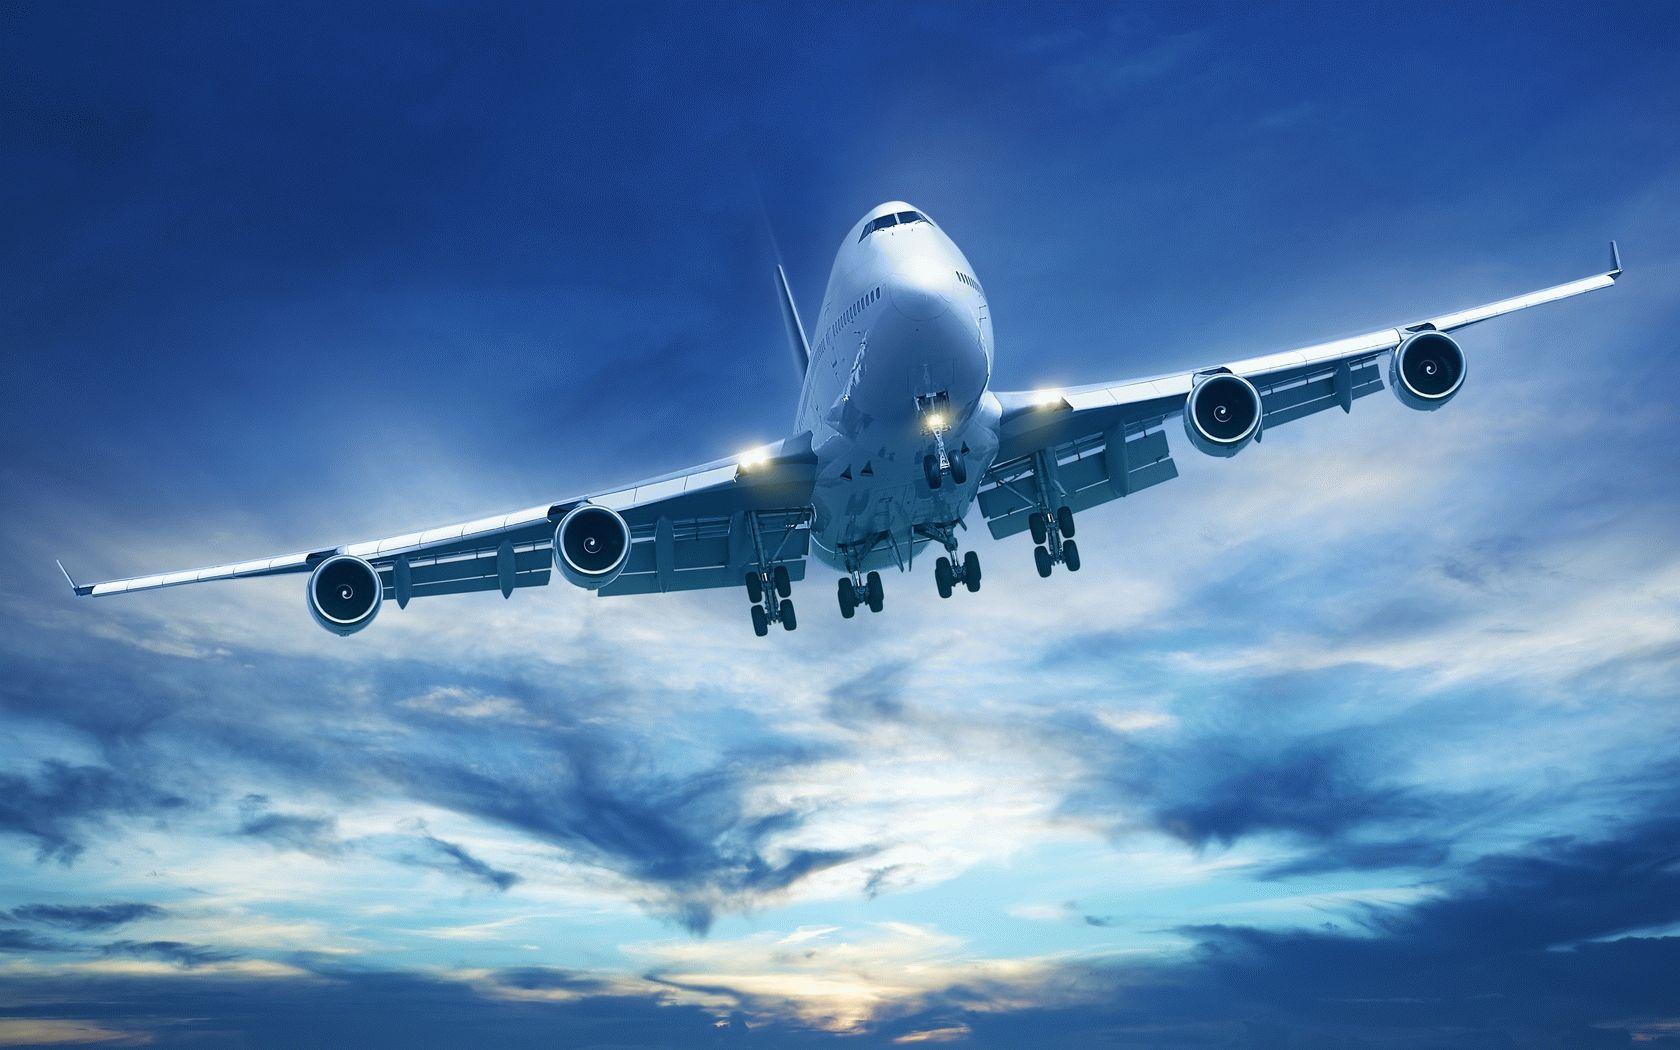 Увидеть во сне падающий самолёт со стороны